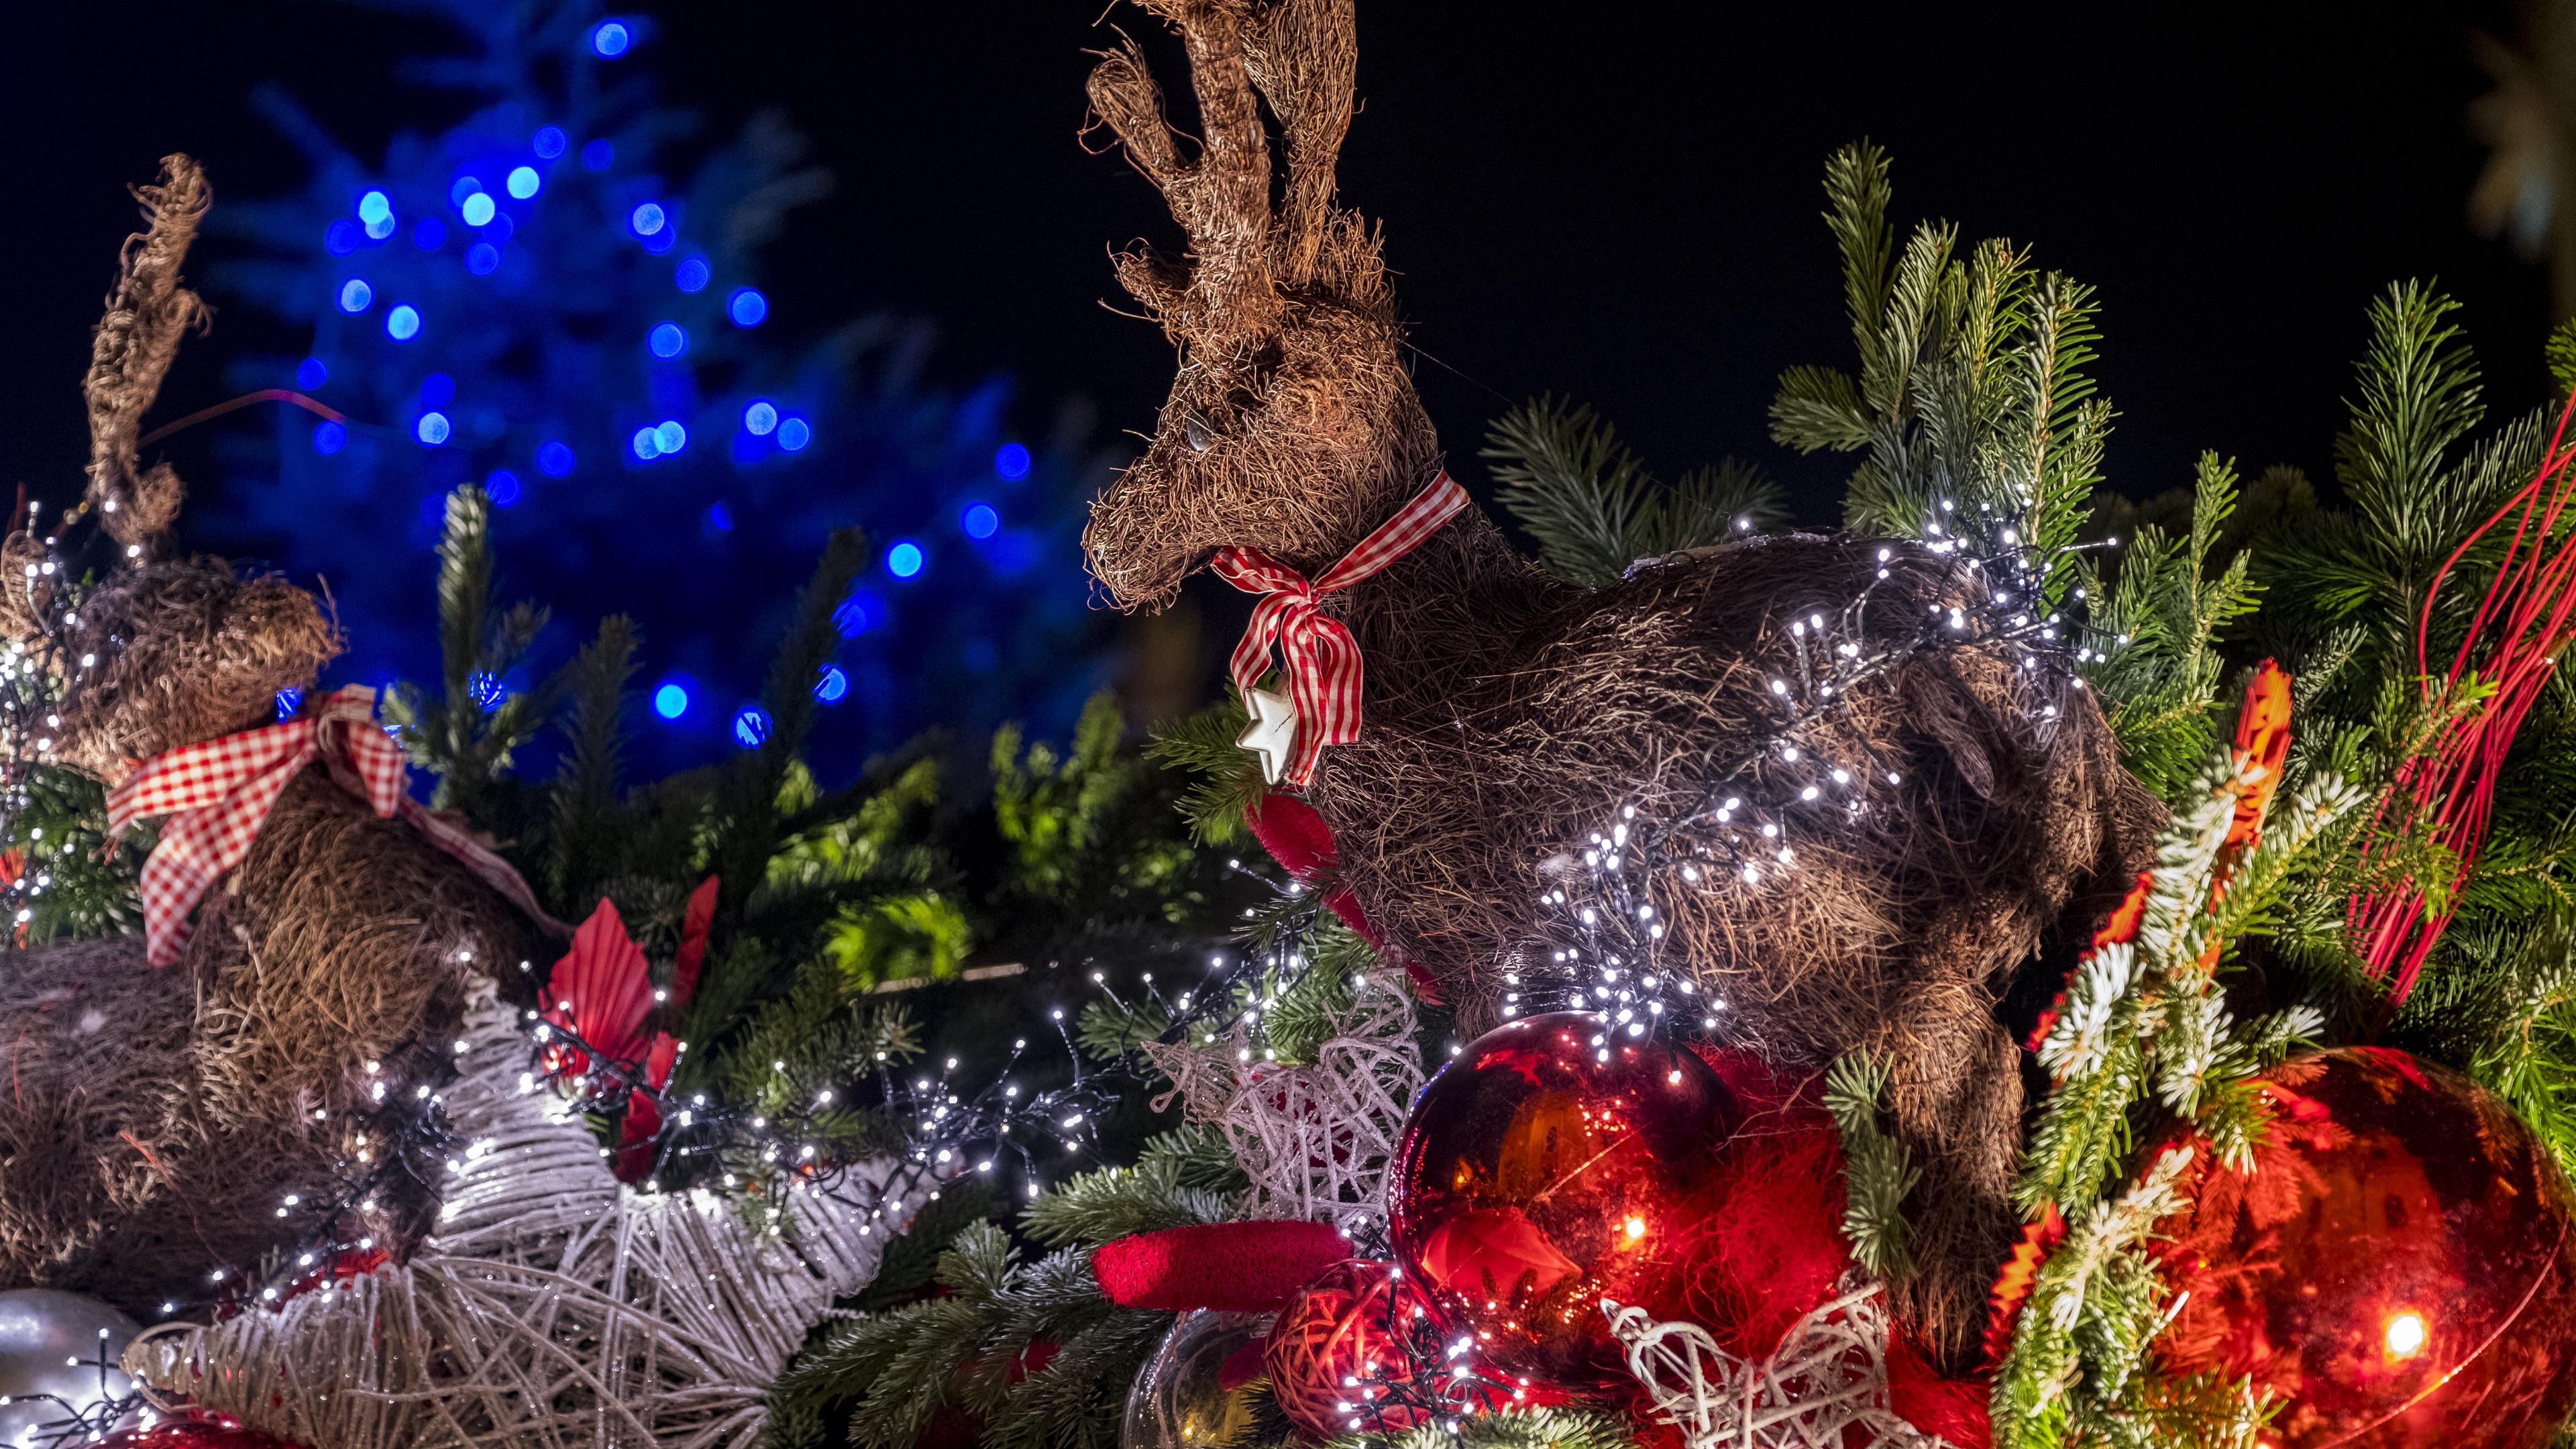 deer christmas toys balls christmas new year 4k 1538344858 - deer, christmas toys, balls, christmas, new year 4k - Deer, christmas toys, Balls